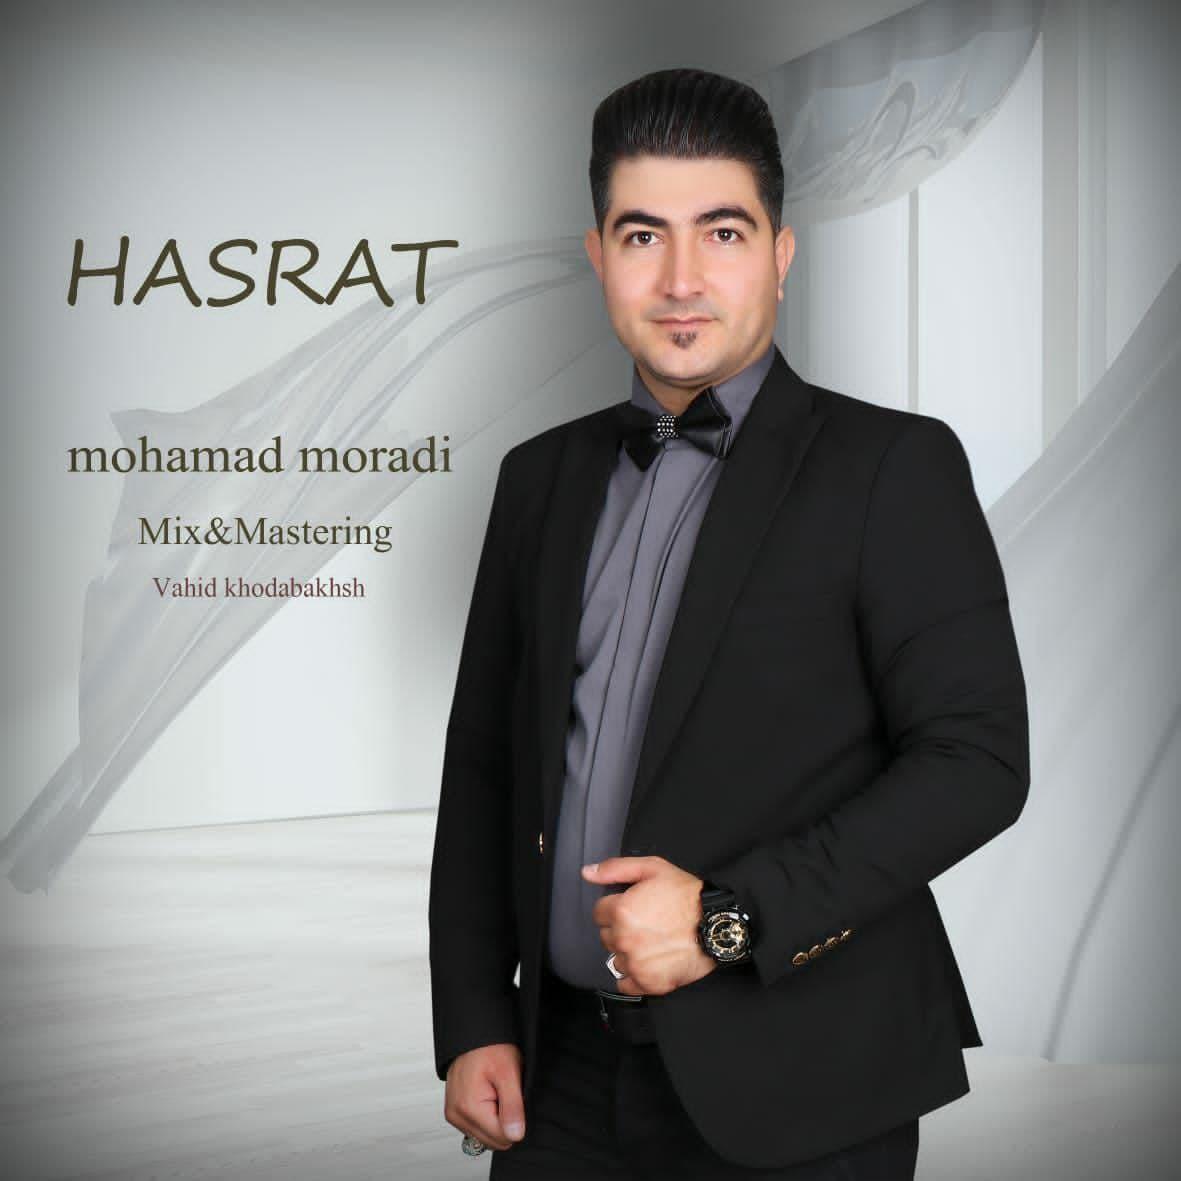 محمد مرادی حسرت